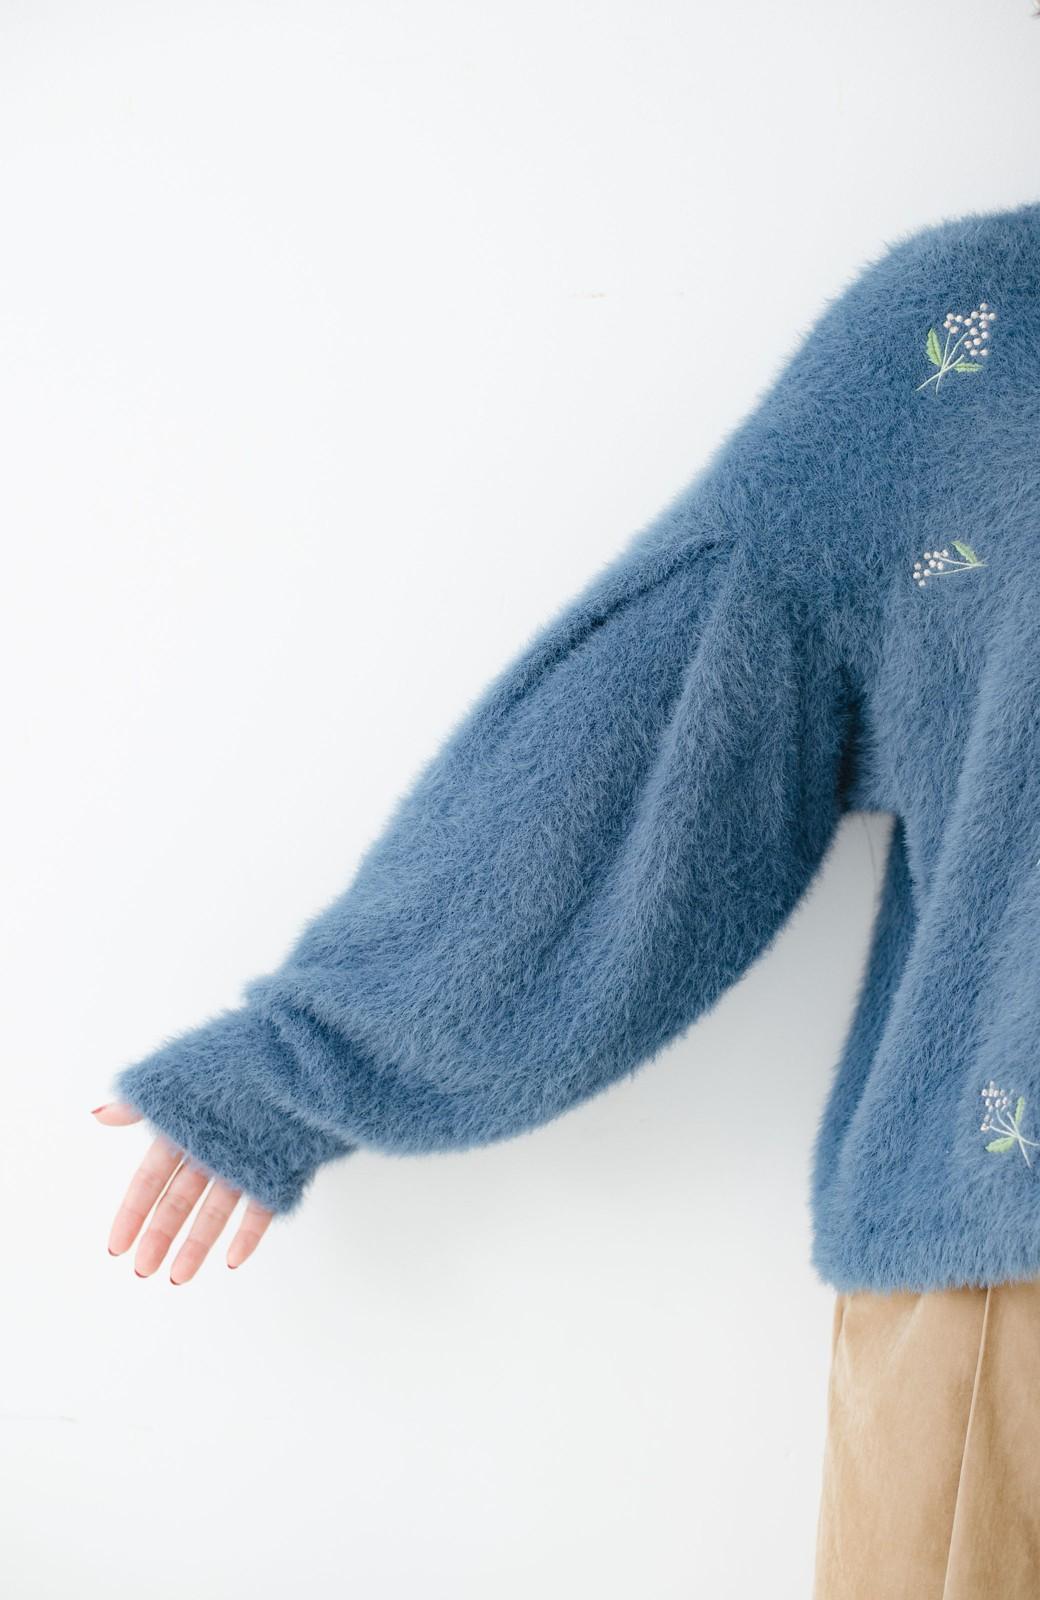 haco! 女のコっぽくてとにかくかわいい ふわふわ刺しゅうニット <ブルー>の商品写真3